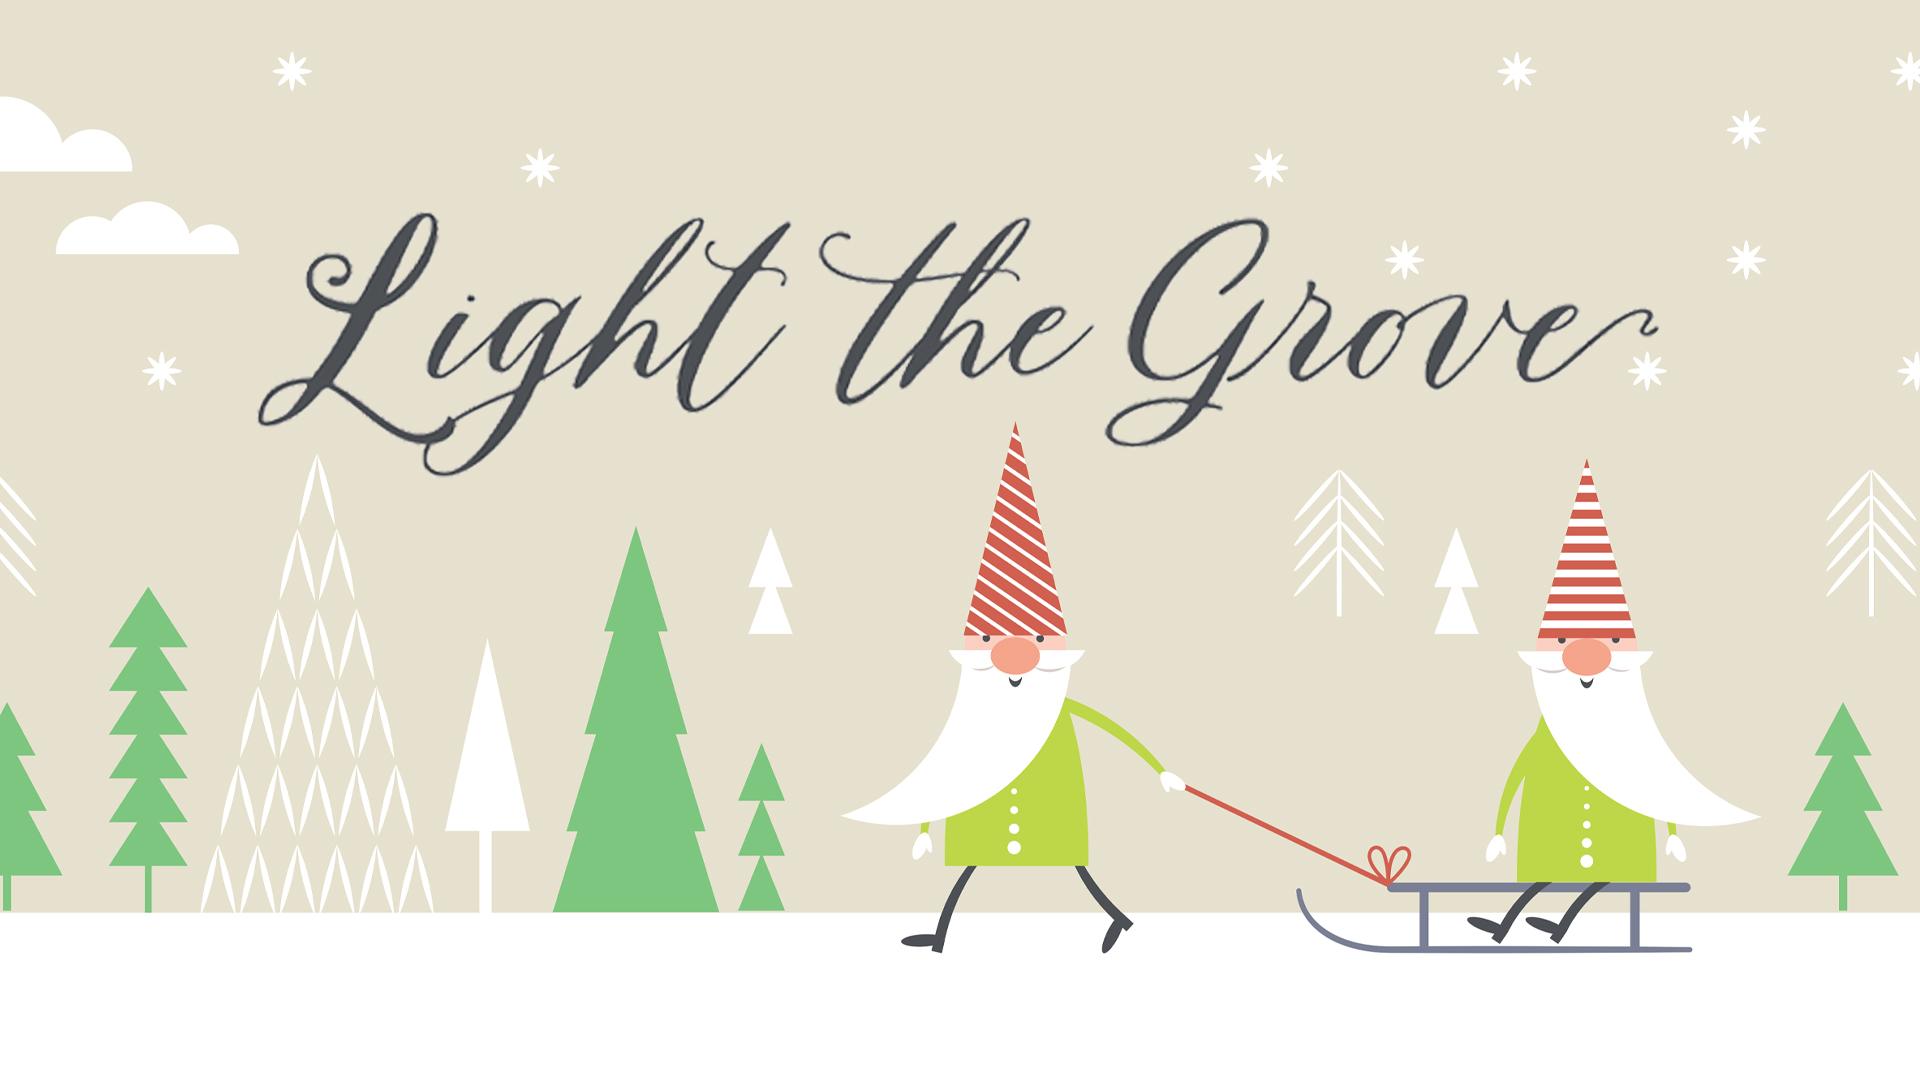 light the grove banner 2019